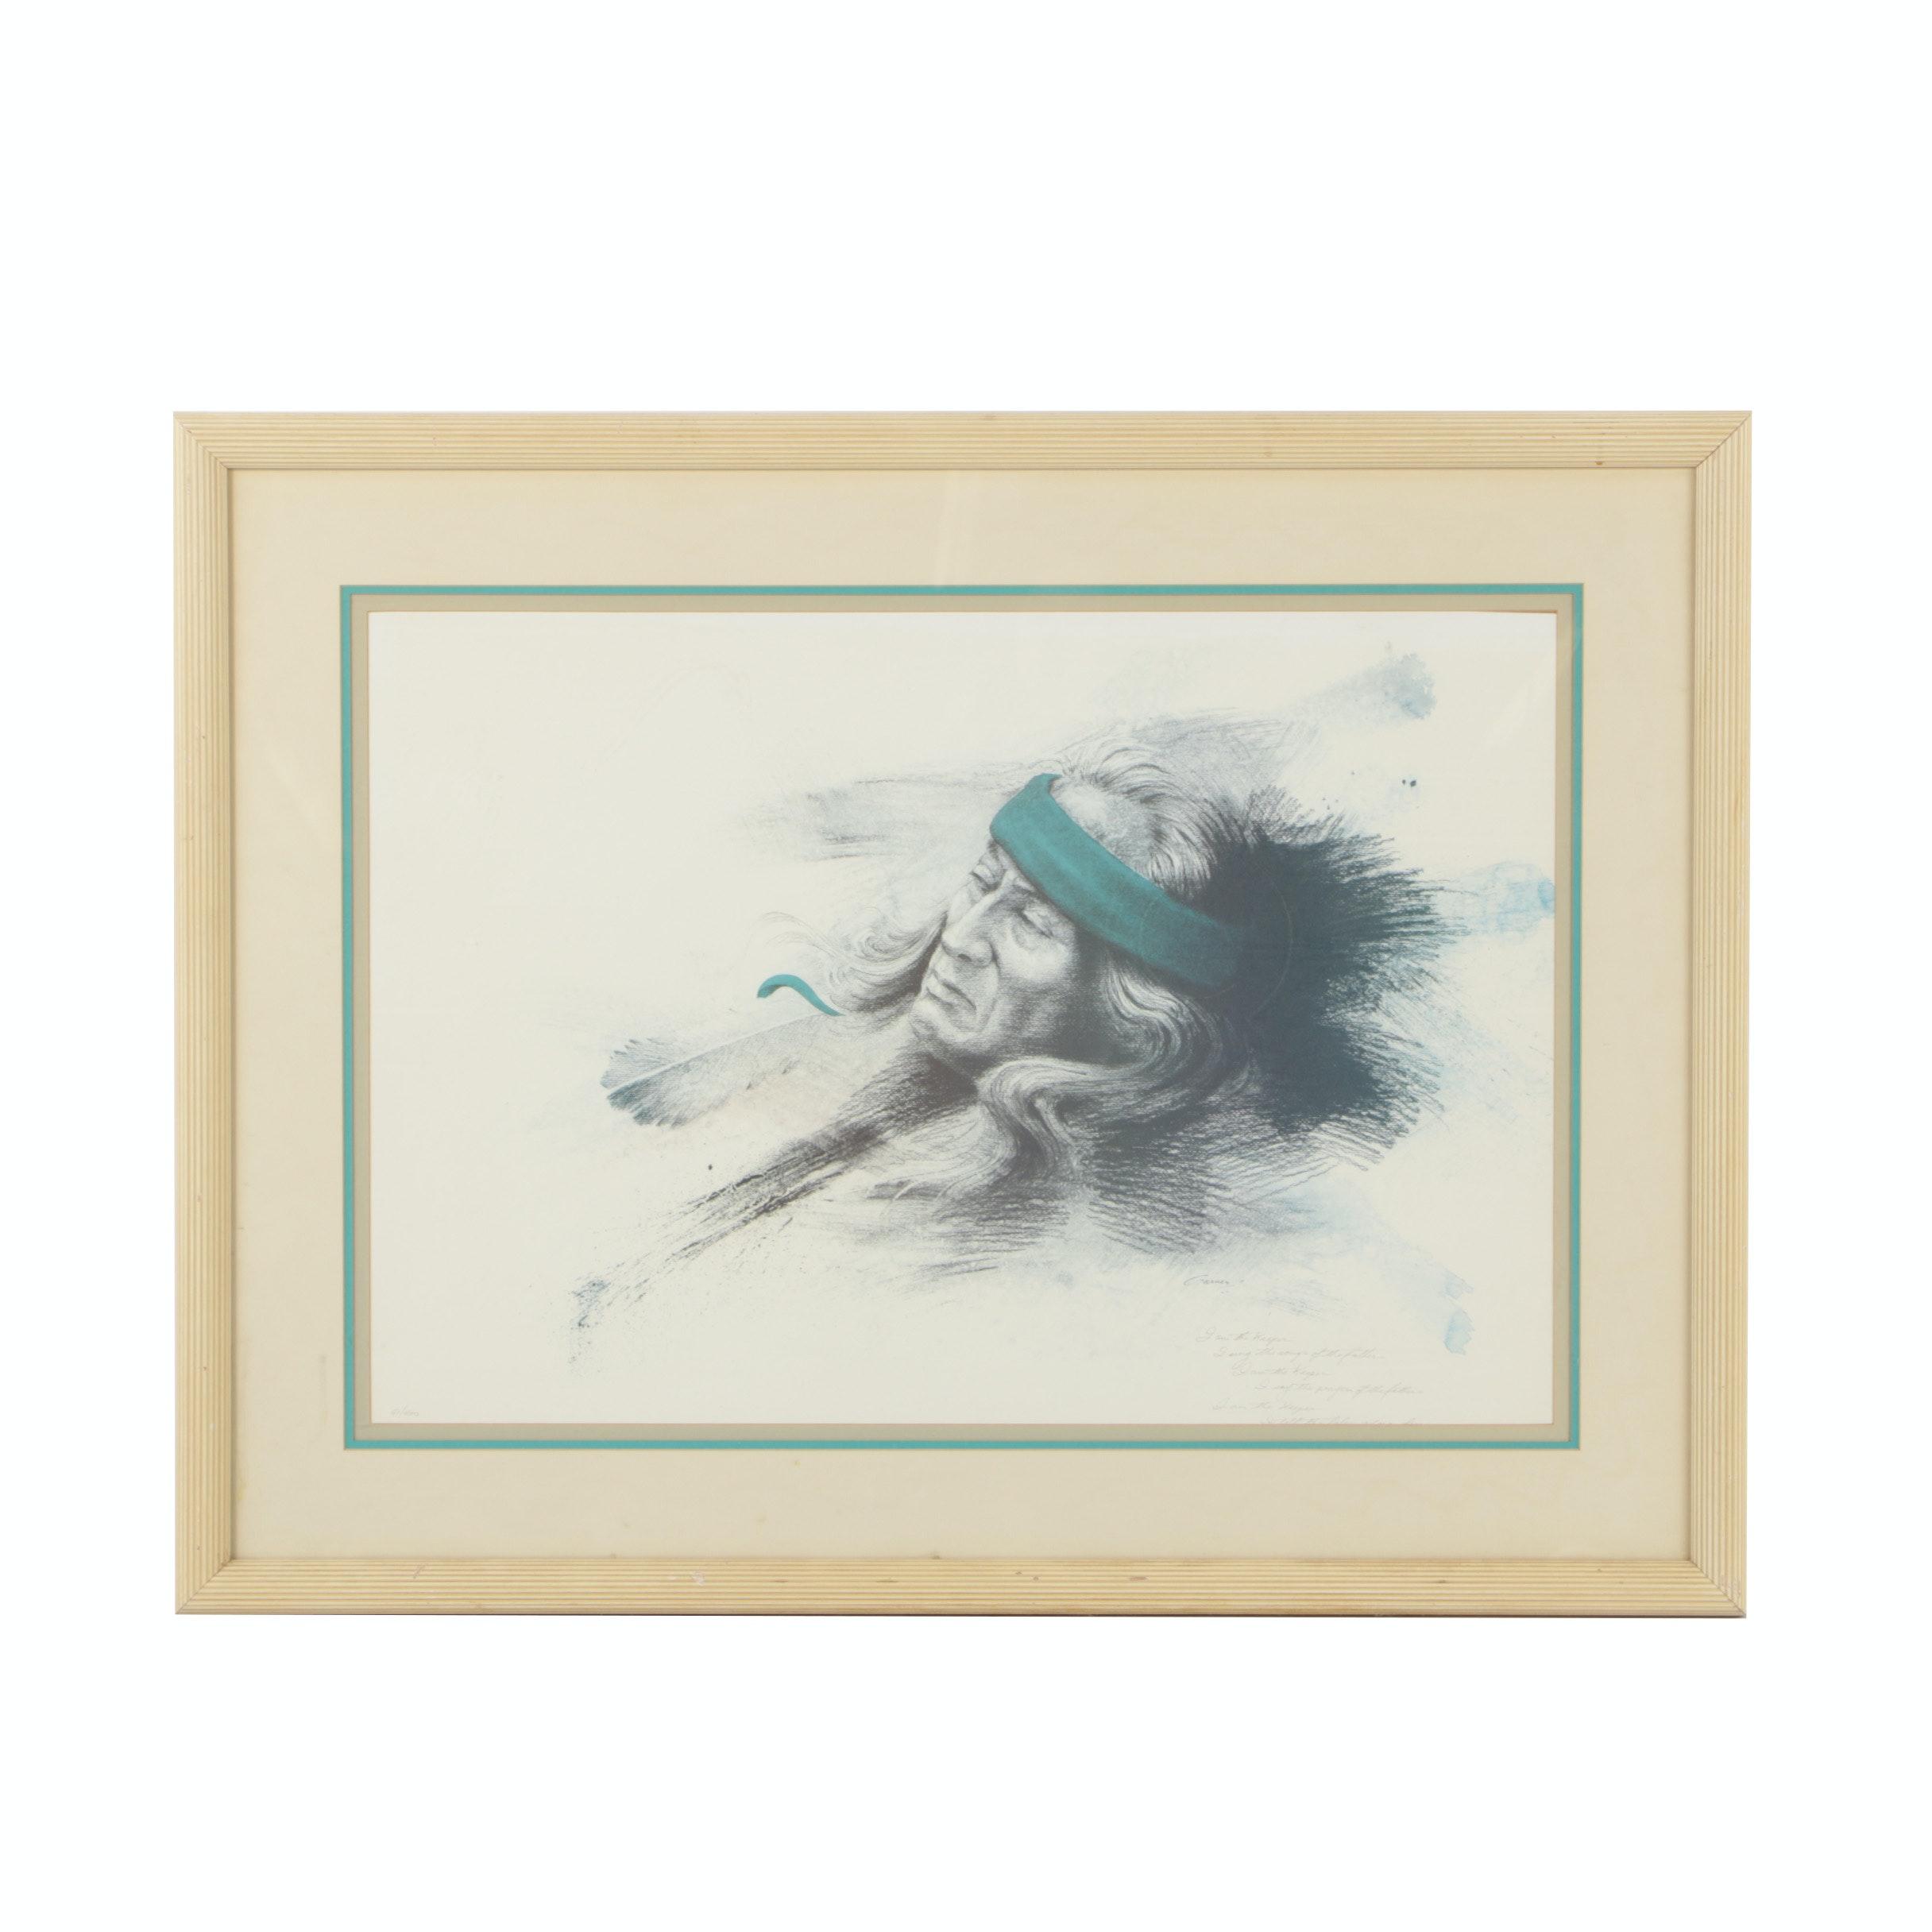 Robert Garner Limited Edition Offset Lithograph